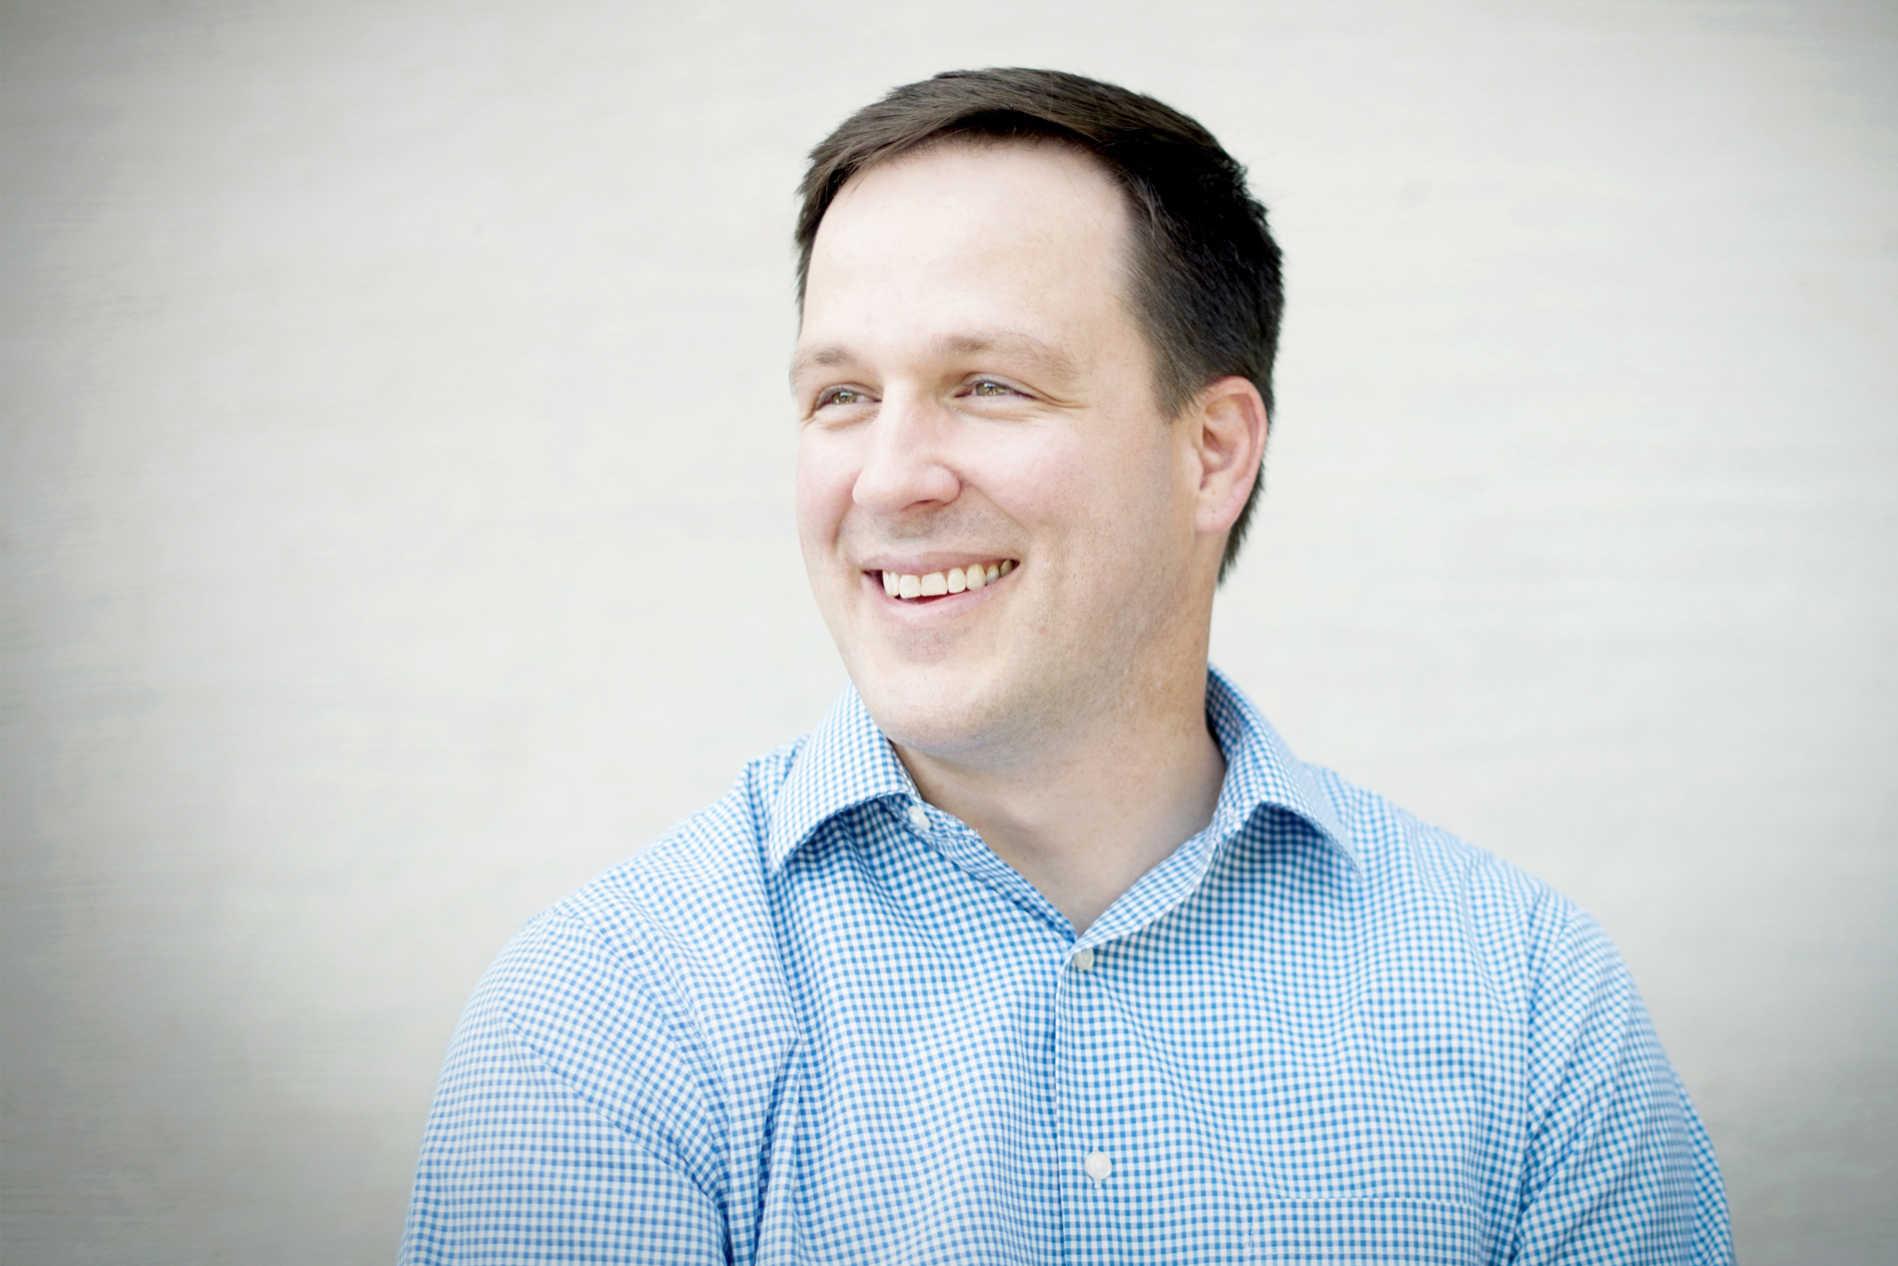 Michael D. Zibert